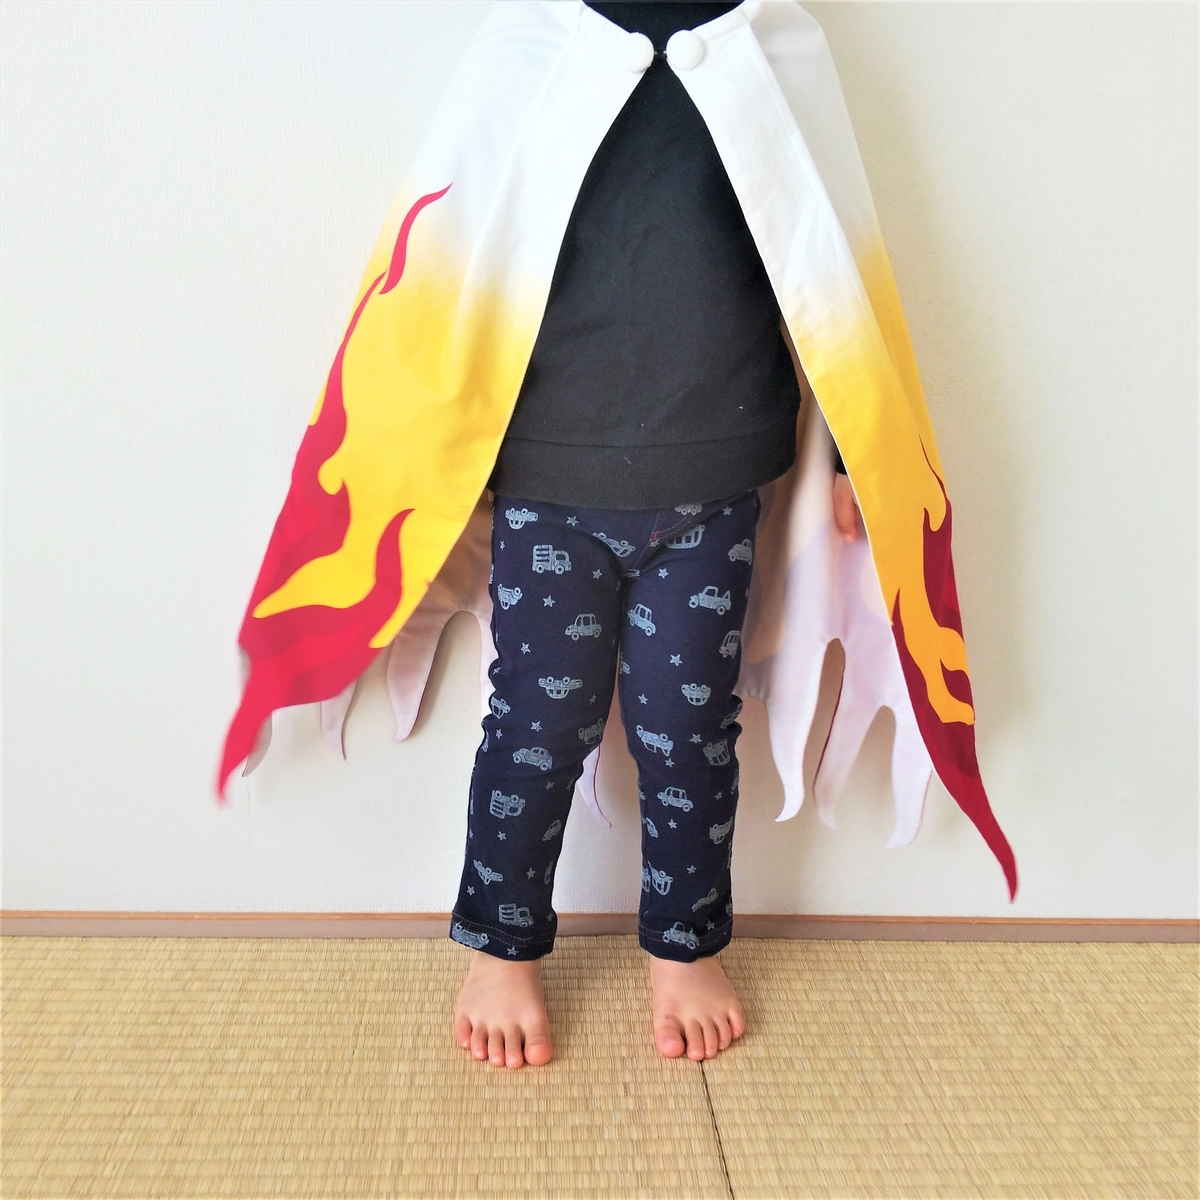 手作り『煉獄さん風マント』を着てみた